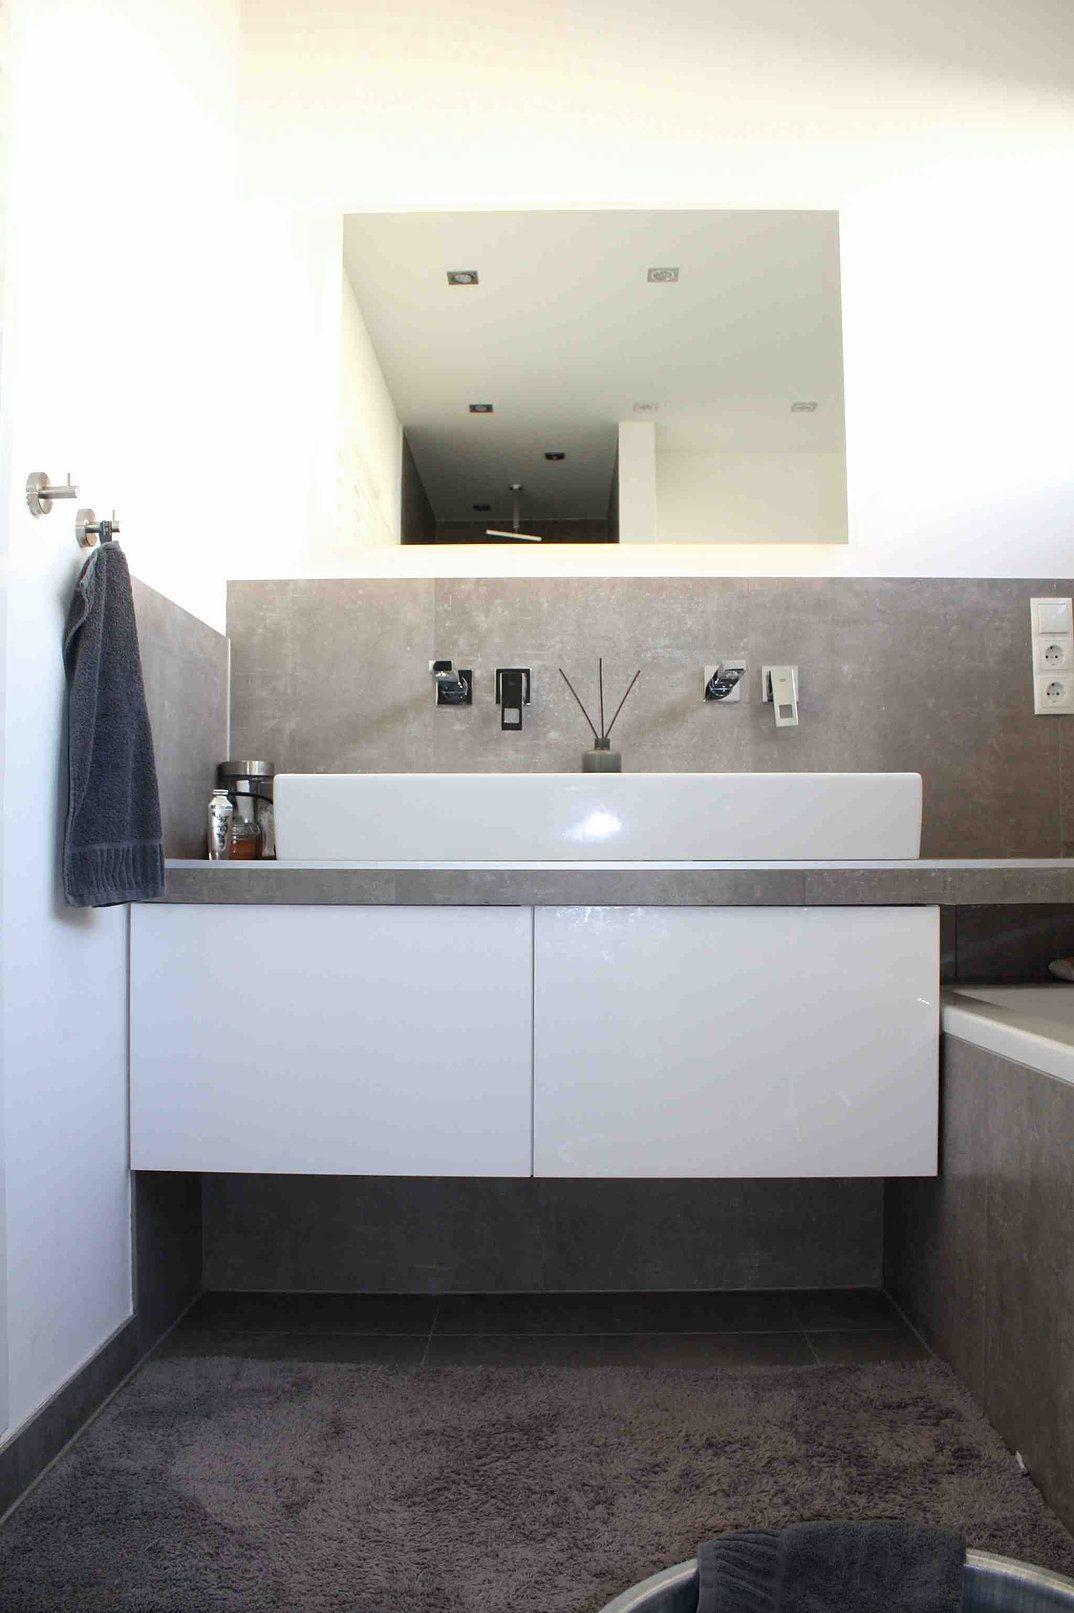 ein küchenschrank im badezimmer | bad-umbau mit ikea metod hack